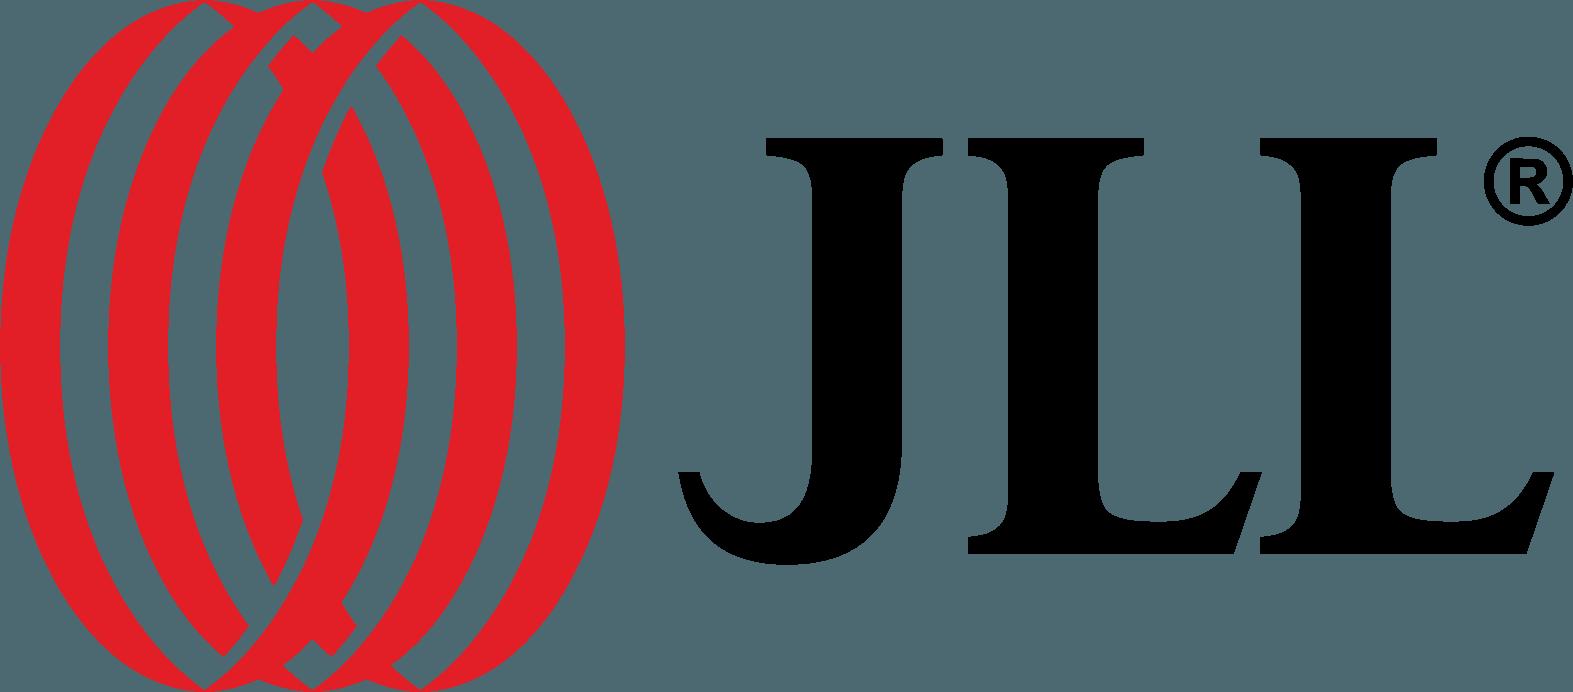 Logo de  Jllméxico